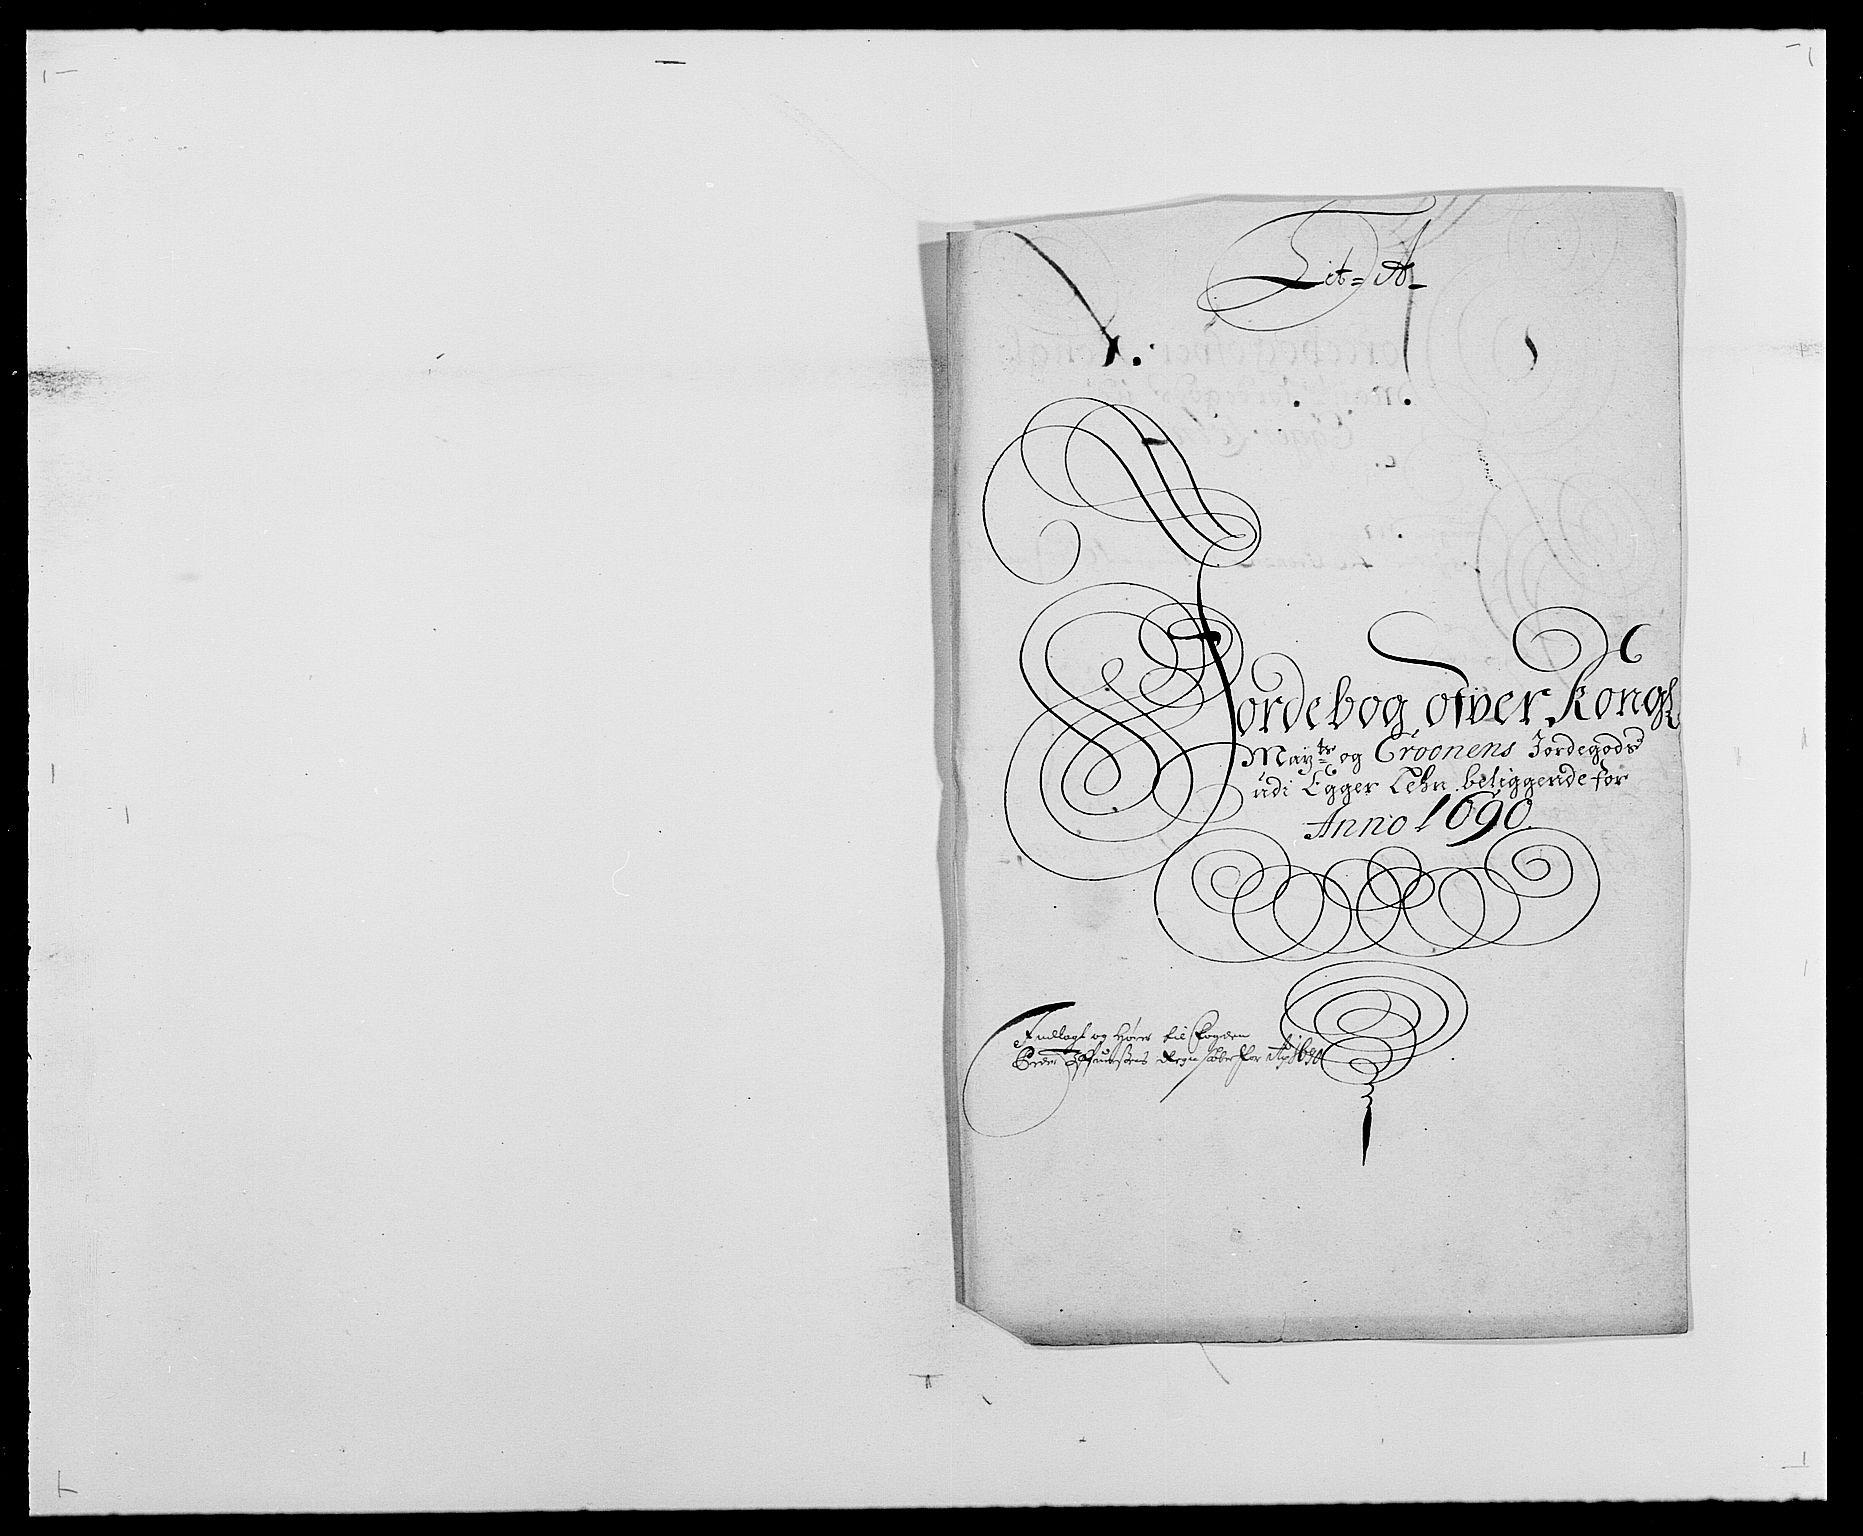 RA, Rentekammeret inntil 1814, Reviderte regnskaper, Fogderegnskap, R28/L1689: Fogderegnskap Eiker og Lier, 1690-1691, s. 17